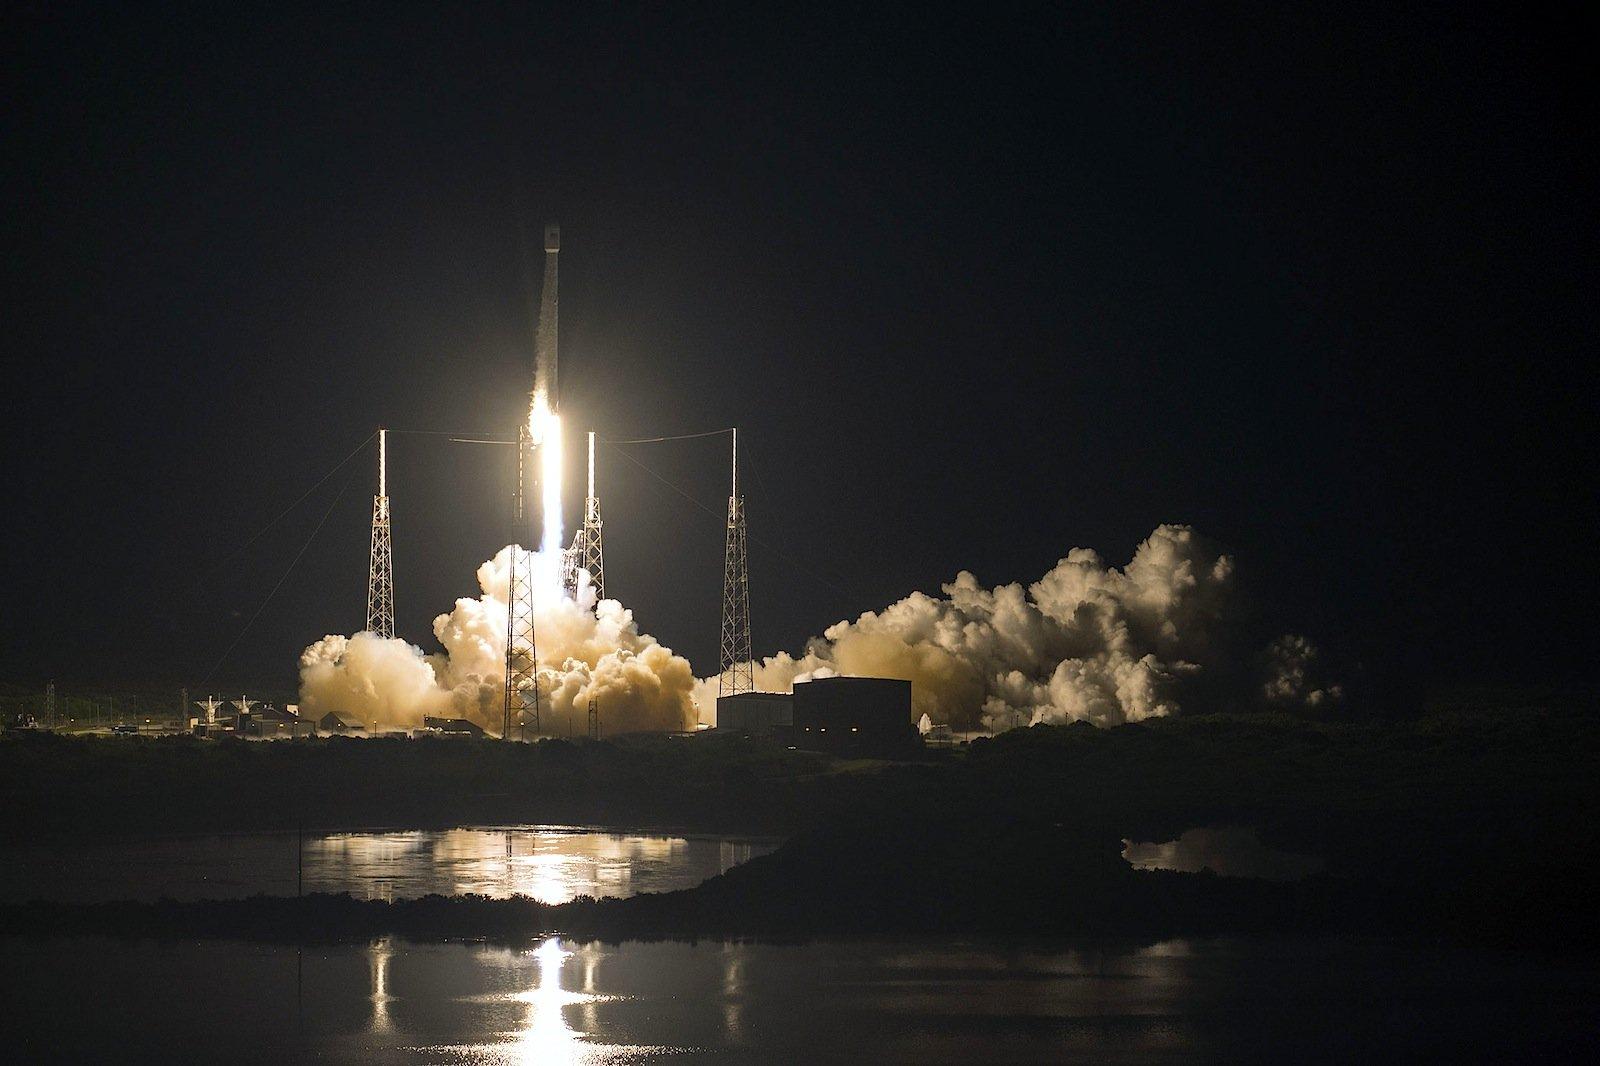 Die Falcon-9-Rakete beim Start mit dem Kommunikationssatelliten JCSAT-16 an Bord.